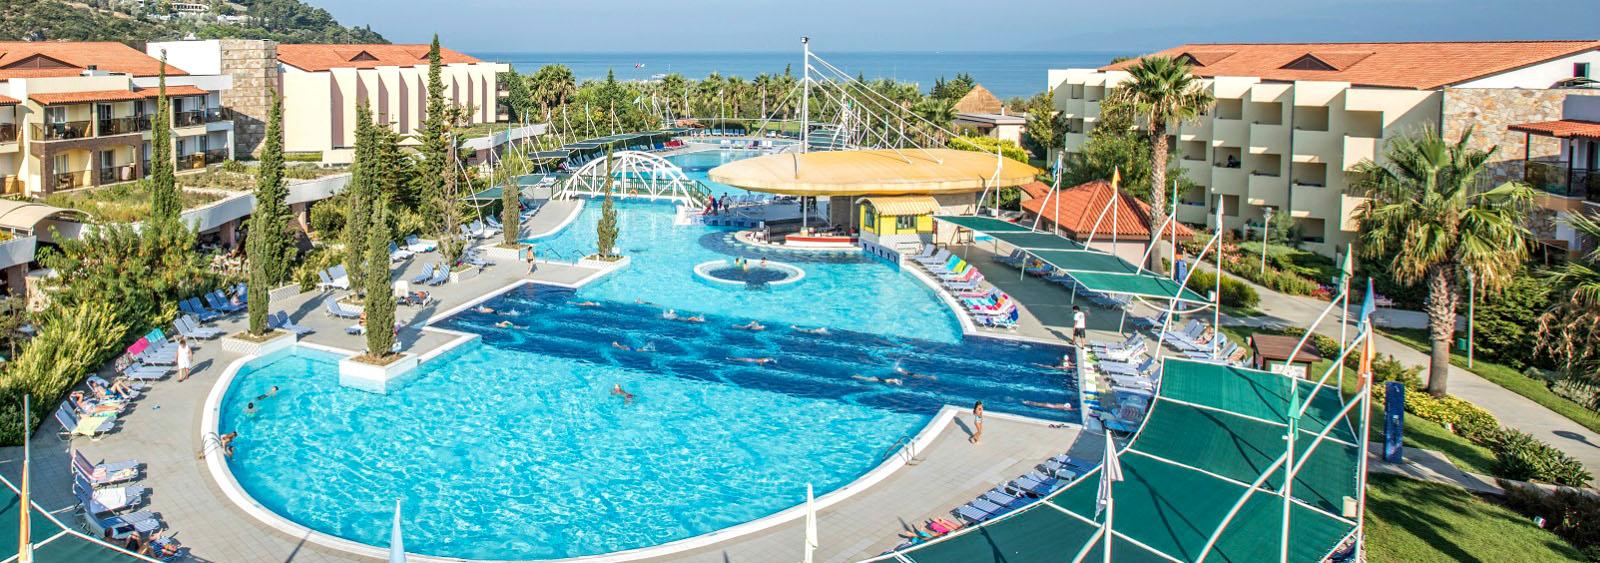 Book Aqua Fantasy Aquapark Hotel And Spa